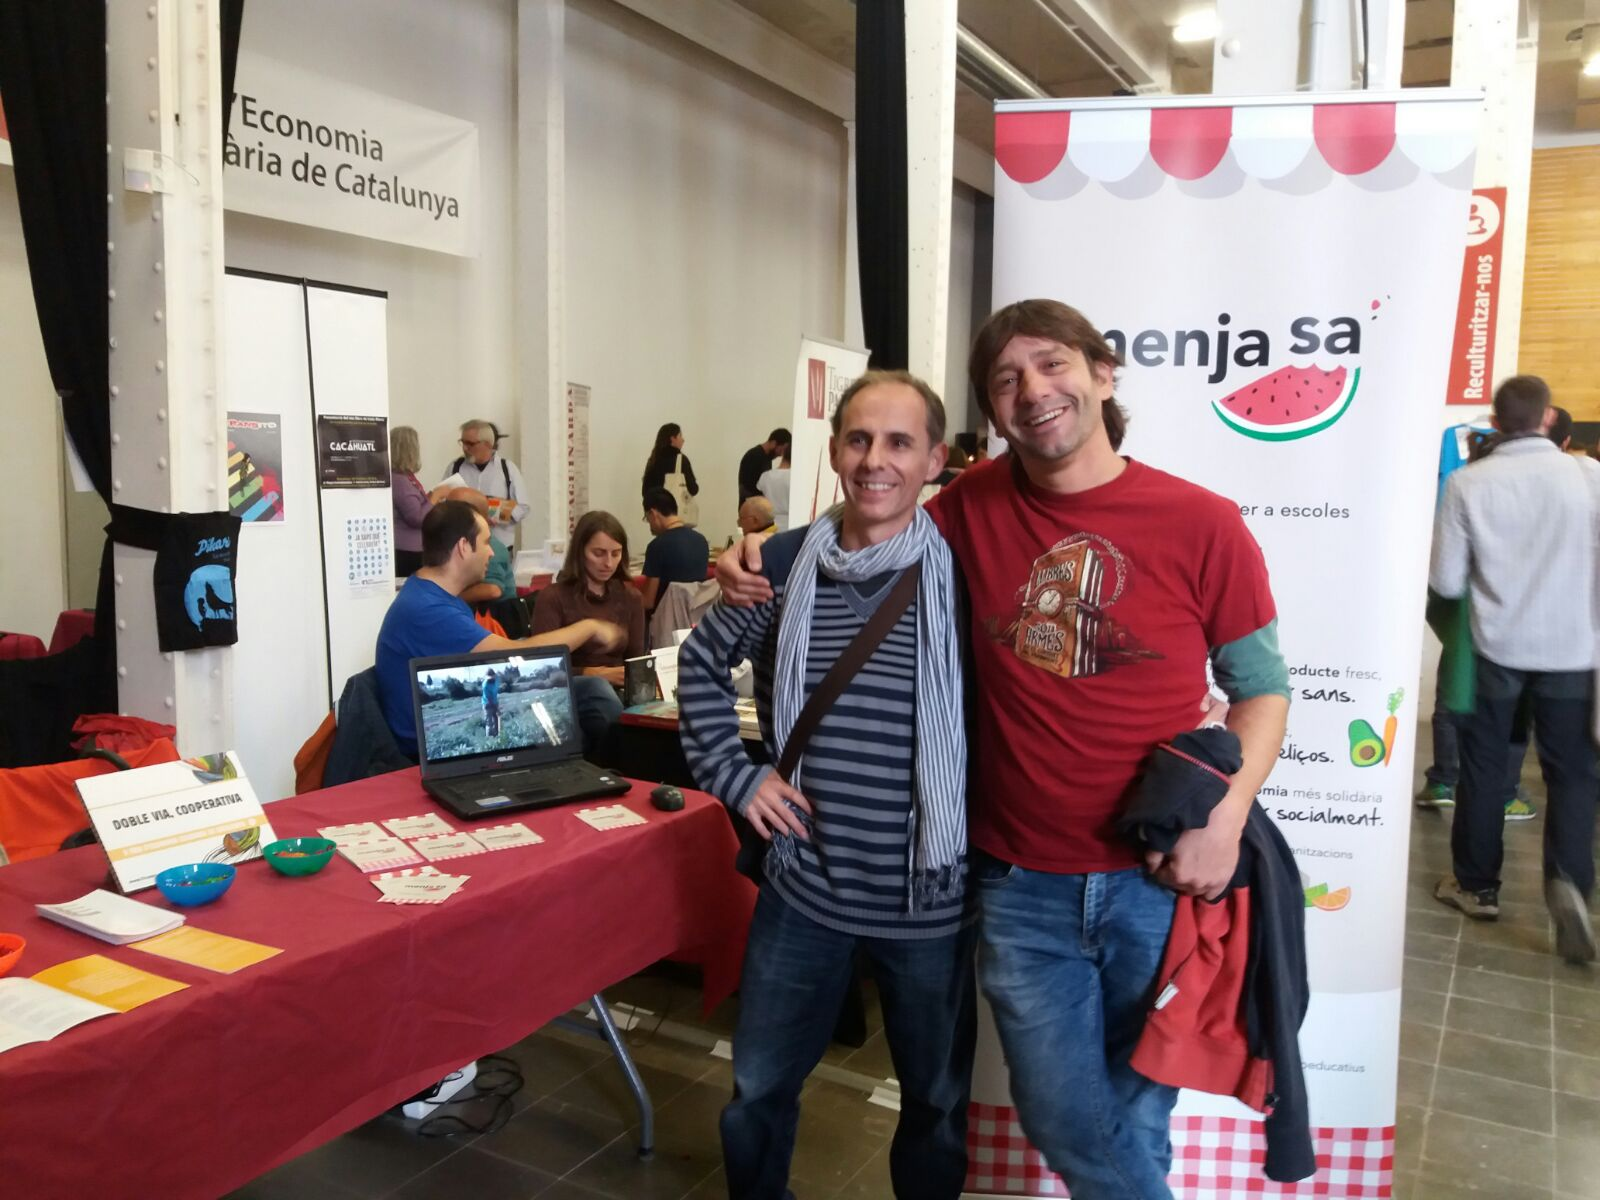 Ei!!! El Jordi @jordis_73 i l'Oscar @Corona_boreal us esperen a l'estand de #DobleVia a la #FESC2016 @XES_cat #5anysFESC https://t.co/LWXLxVuP4T